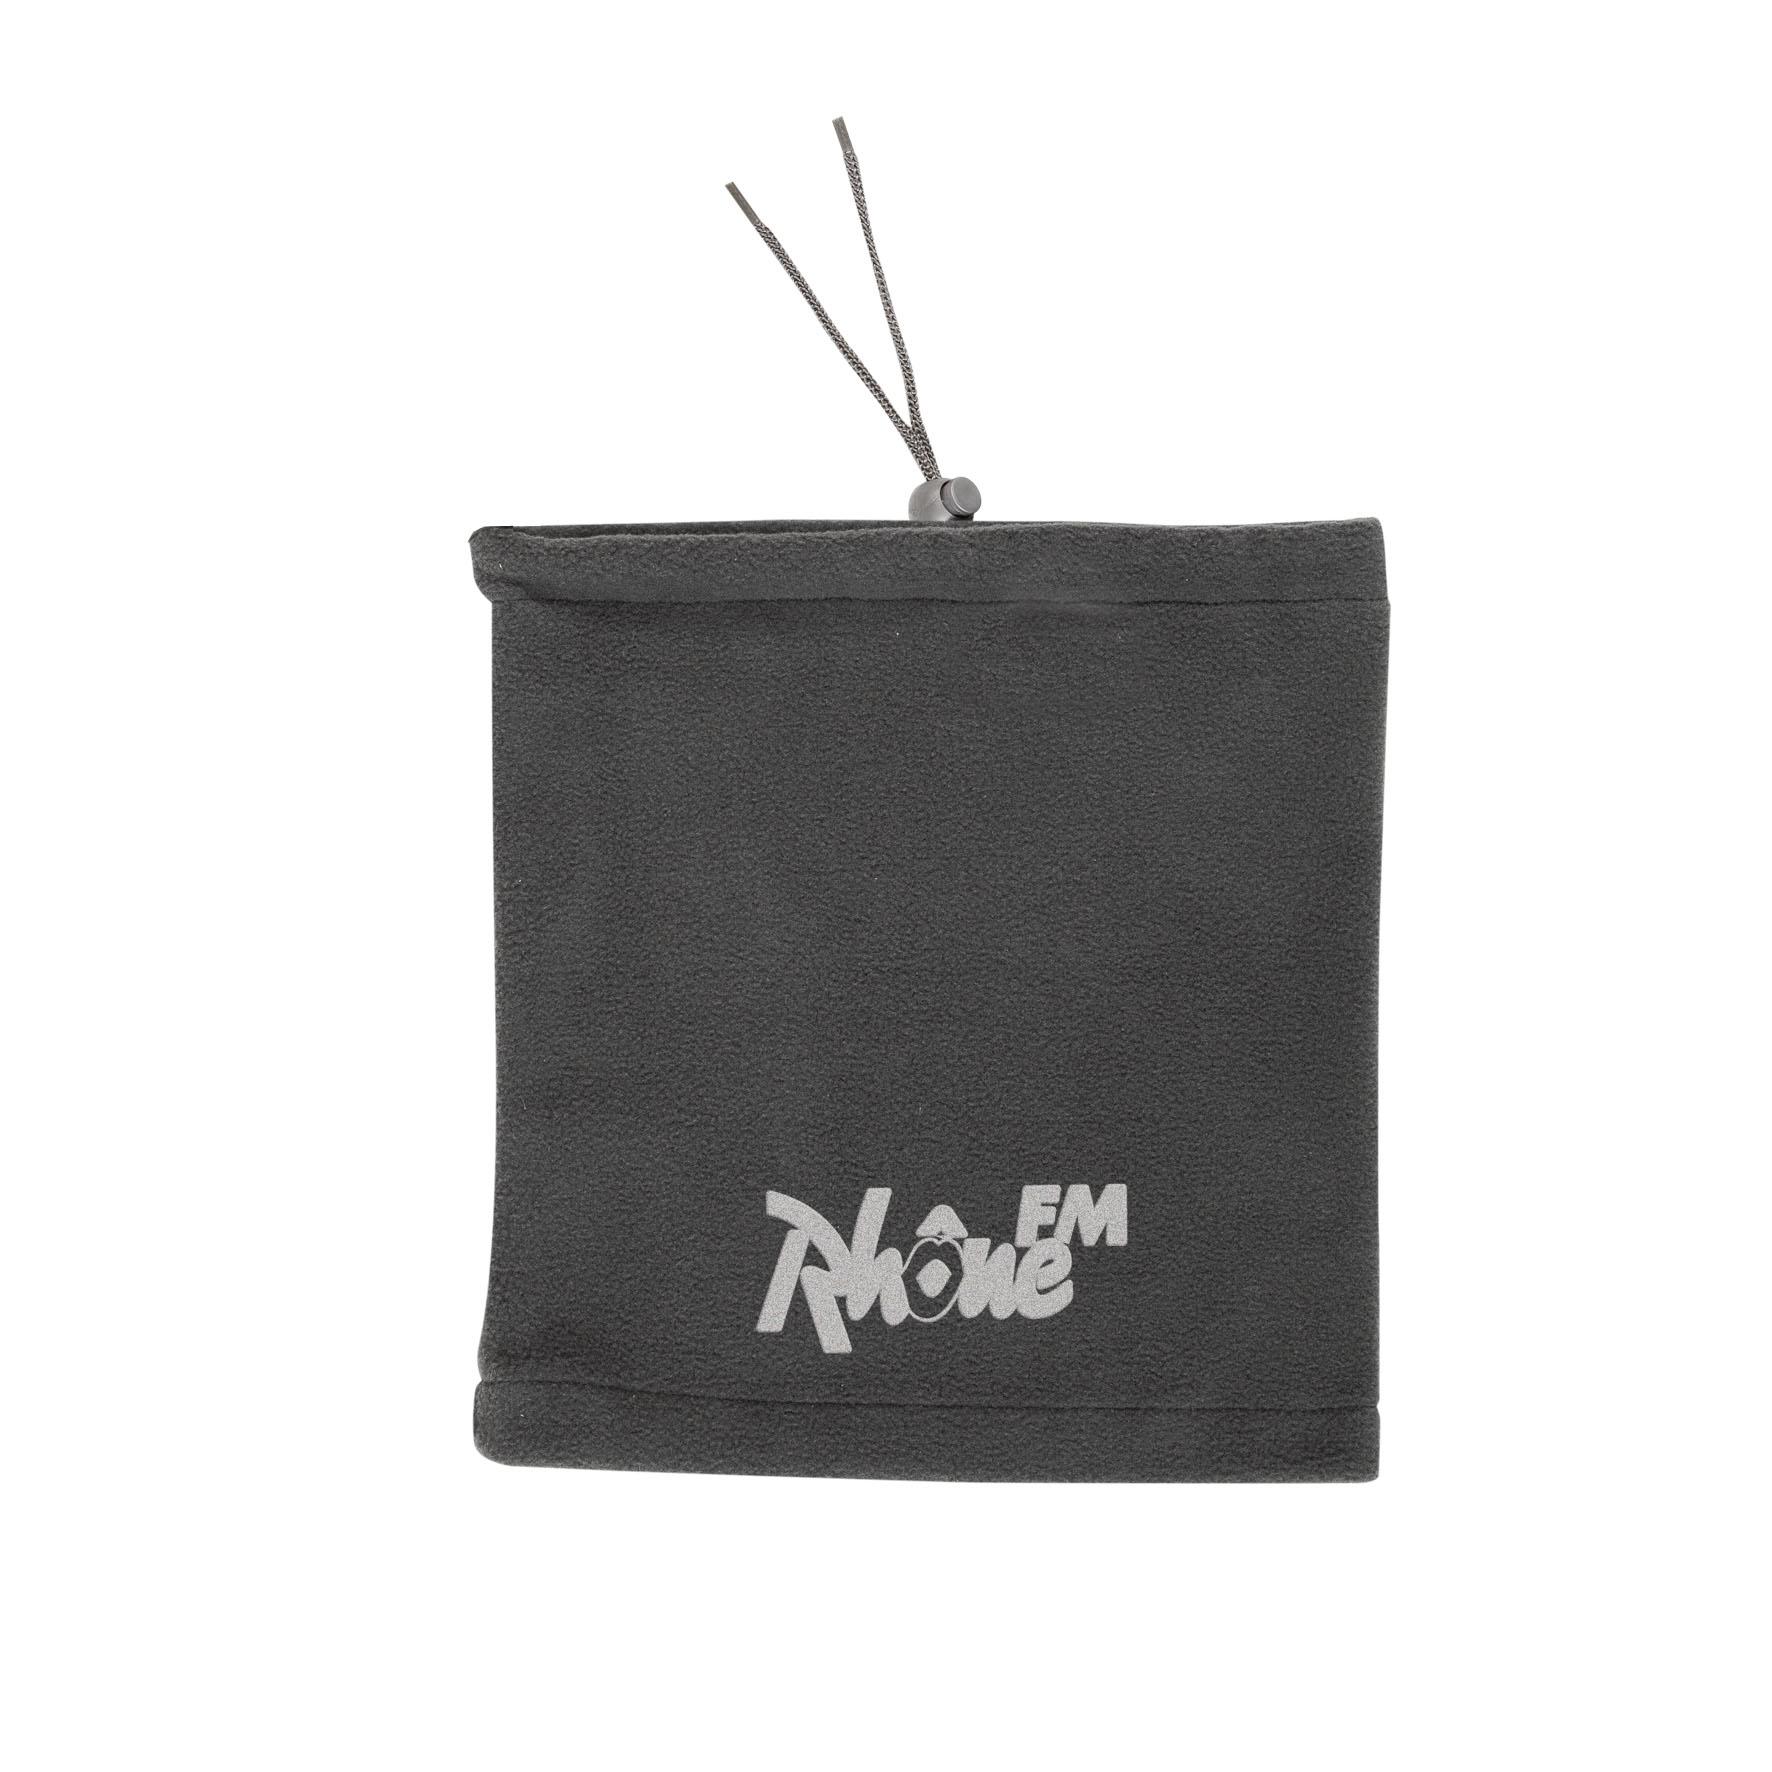 Cadeau publicitaire textile - Tour de cou  / Bonnet publicitaire Kagoul